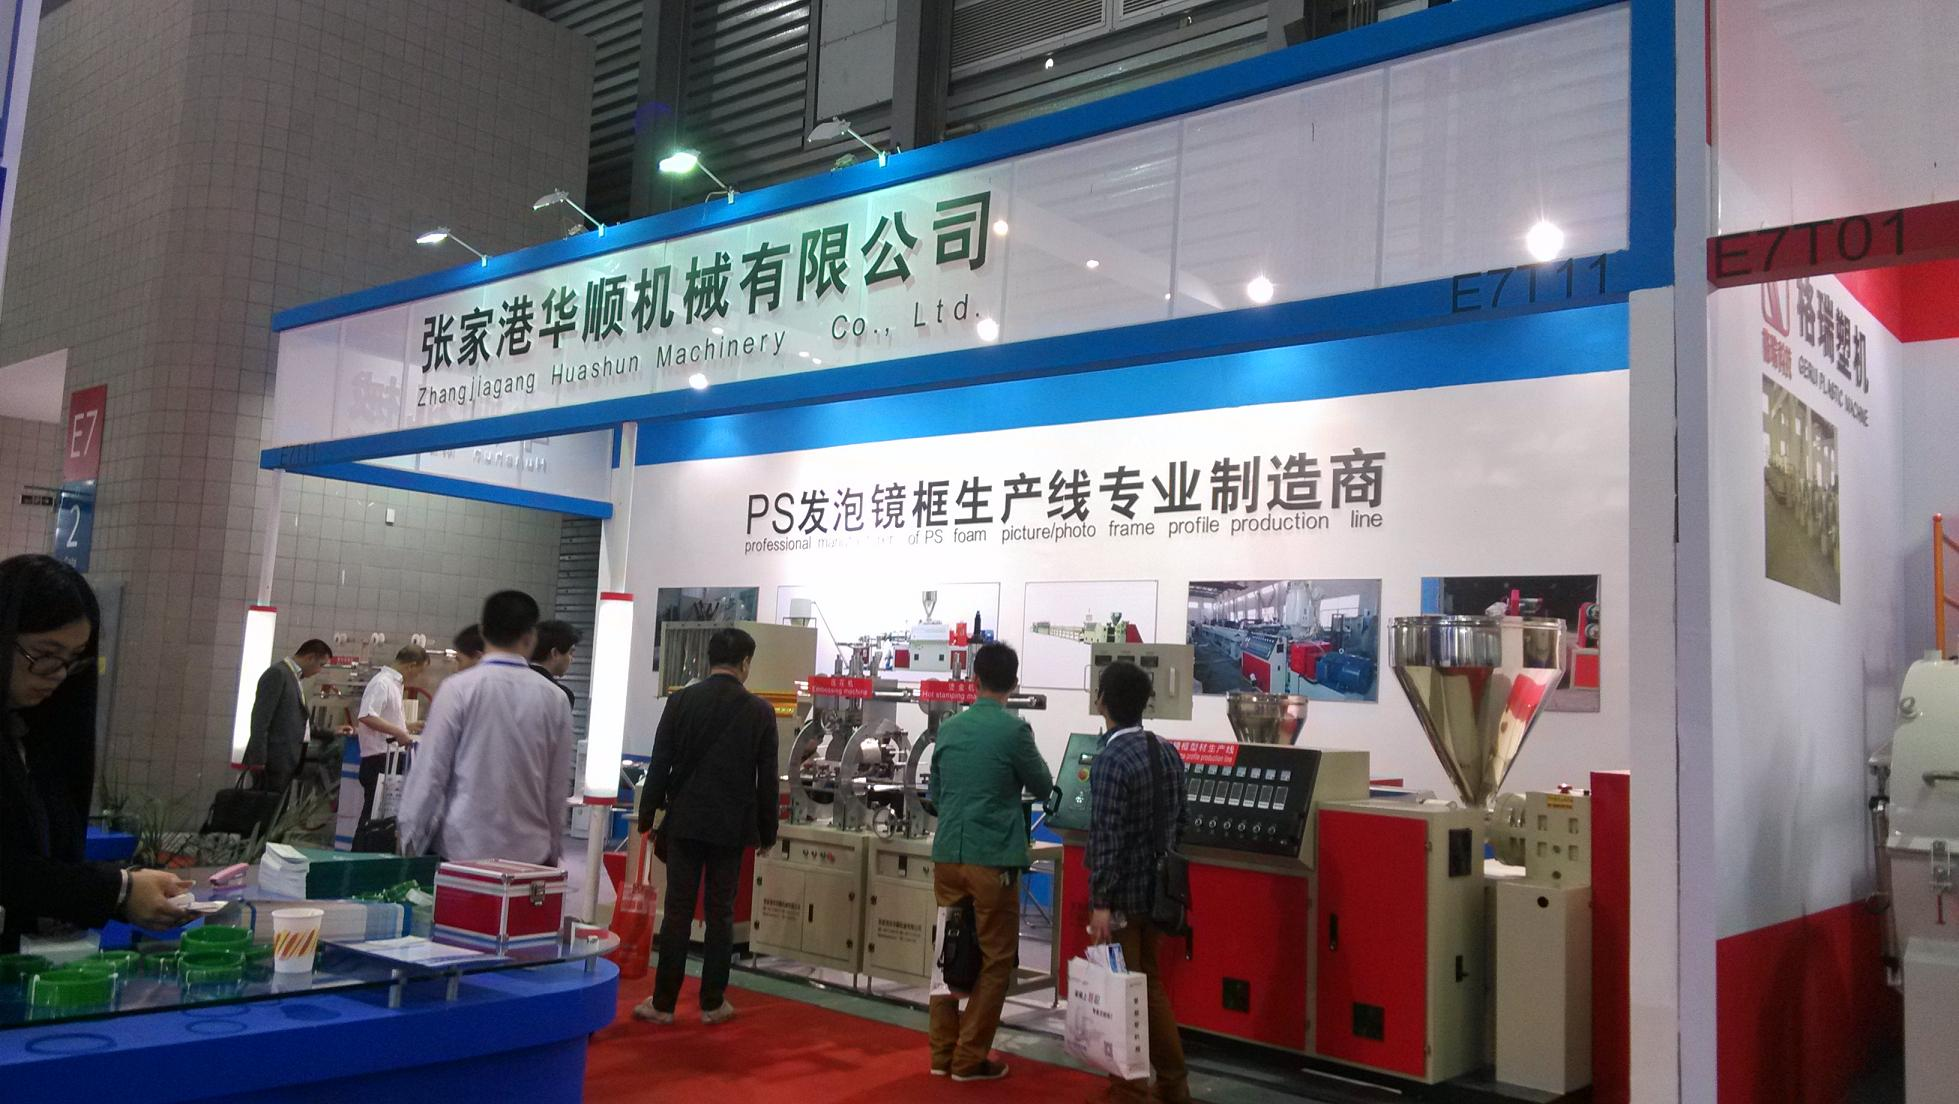 Chinaplas-2014 in Shanghai